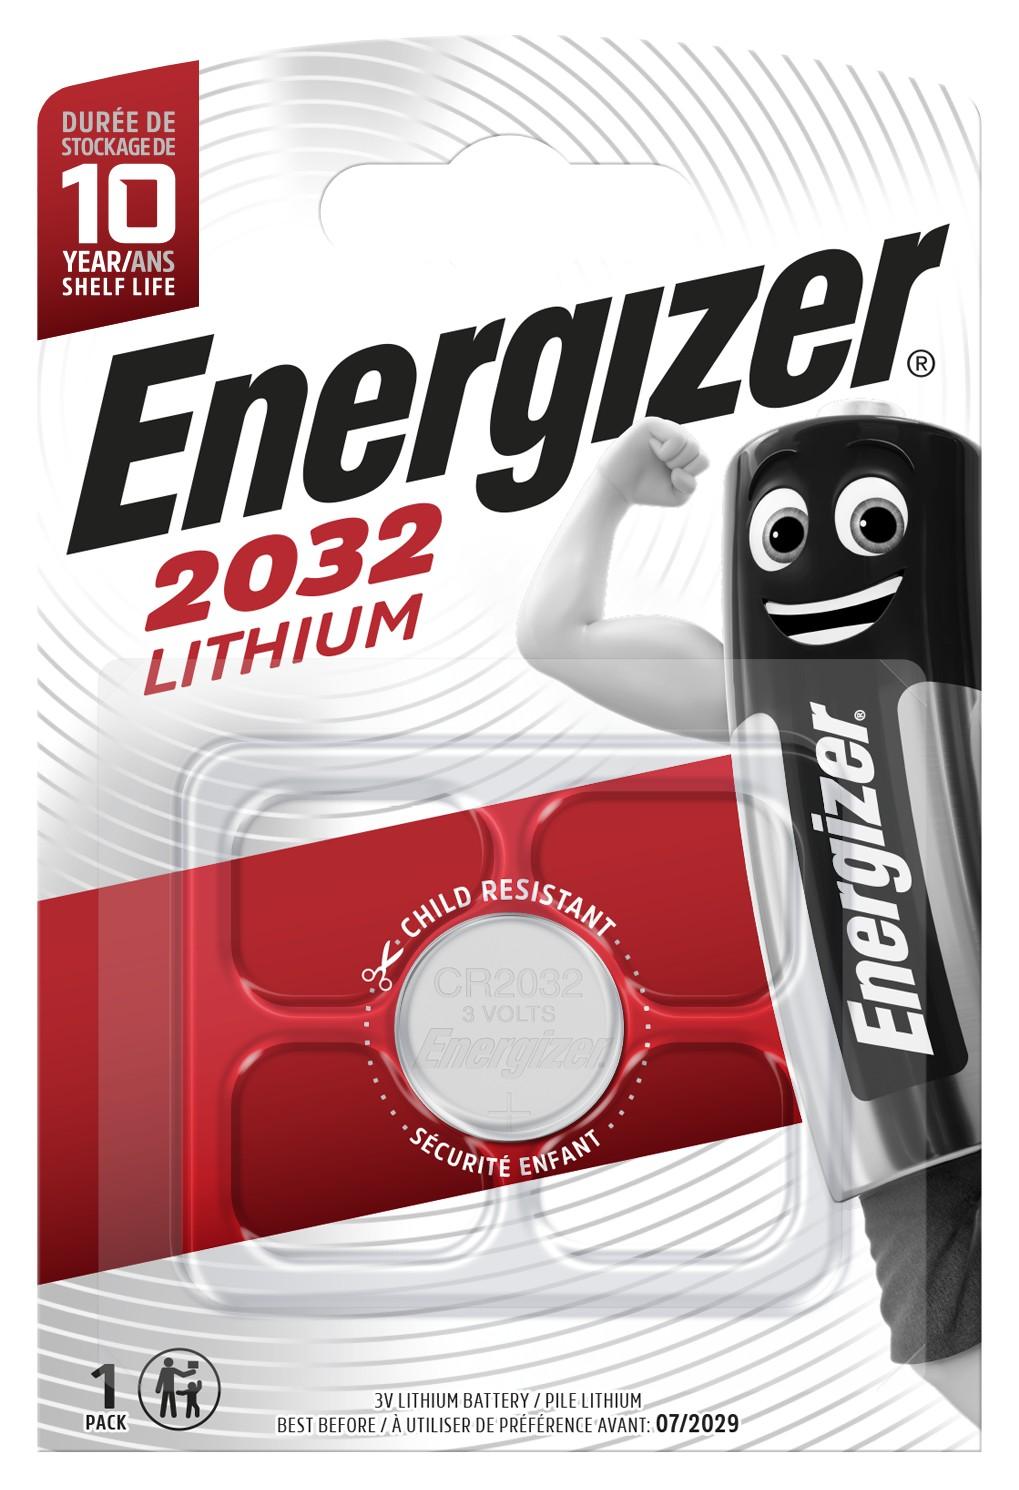 Батарейка Energizer CR2032 1 шт, купить в Москве, цены в интернет-магазинах на goods.ru